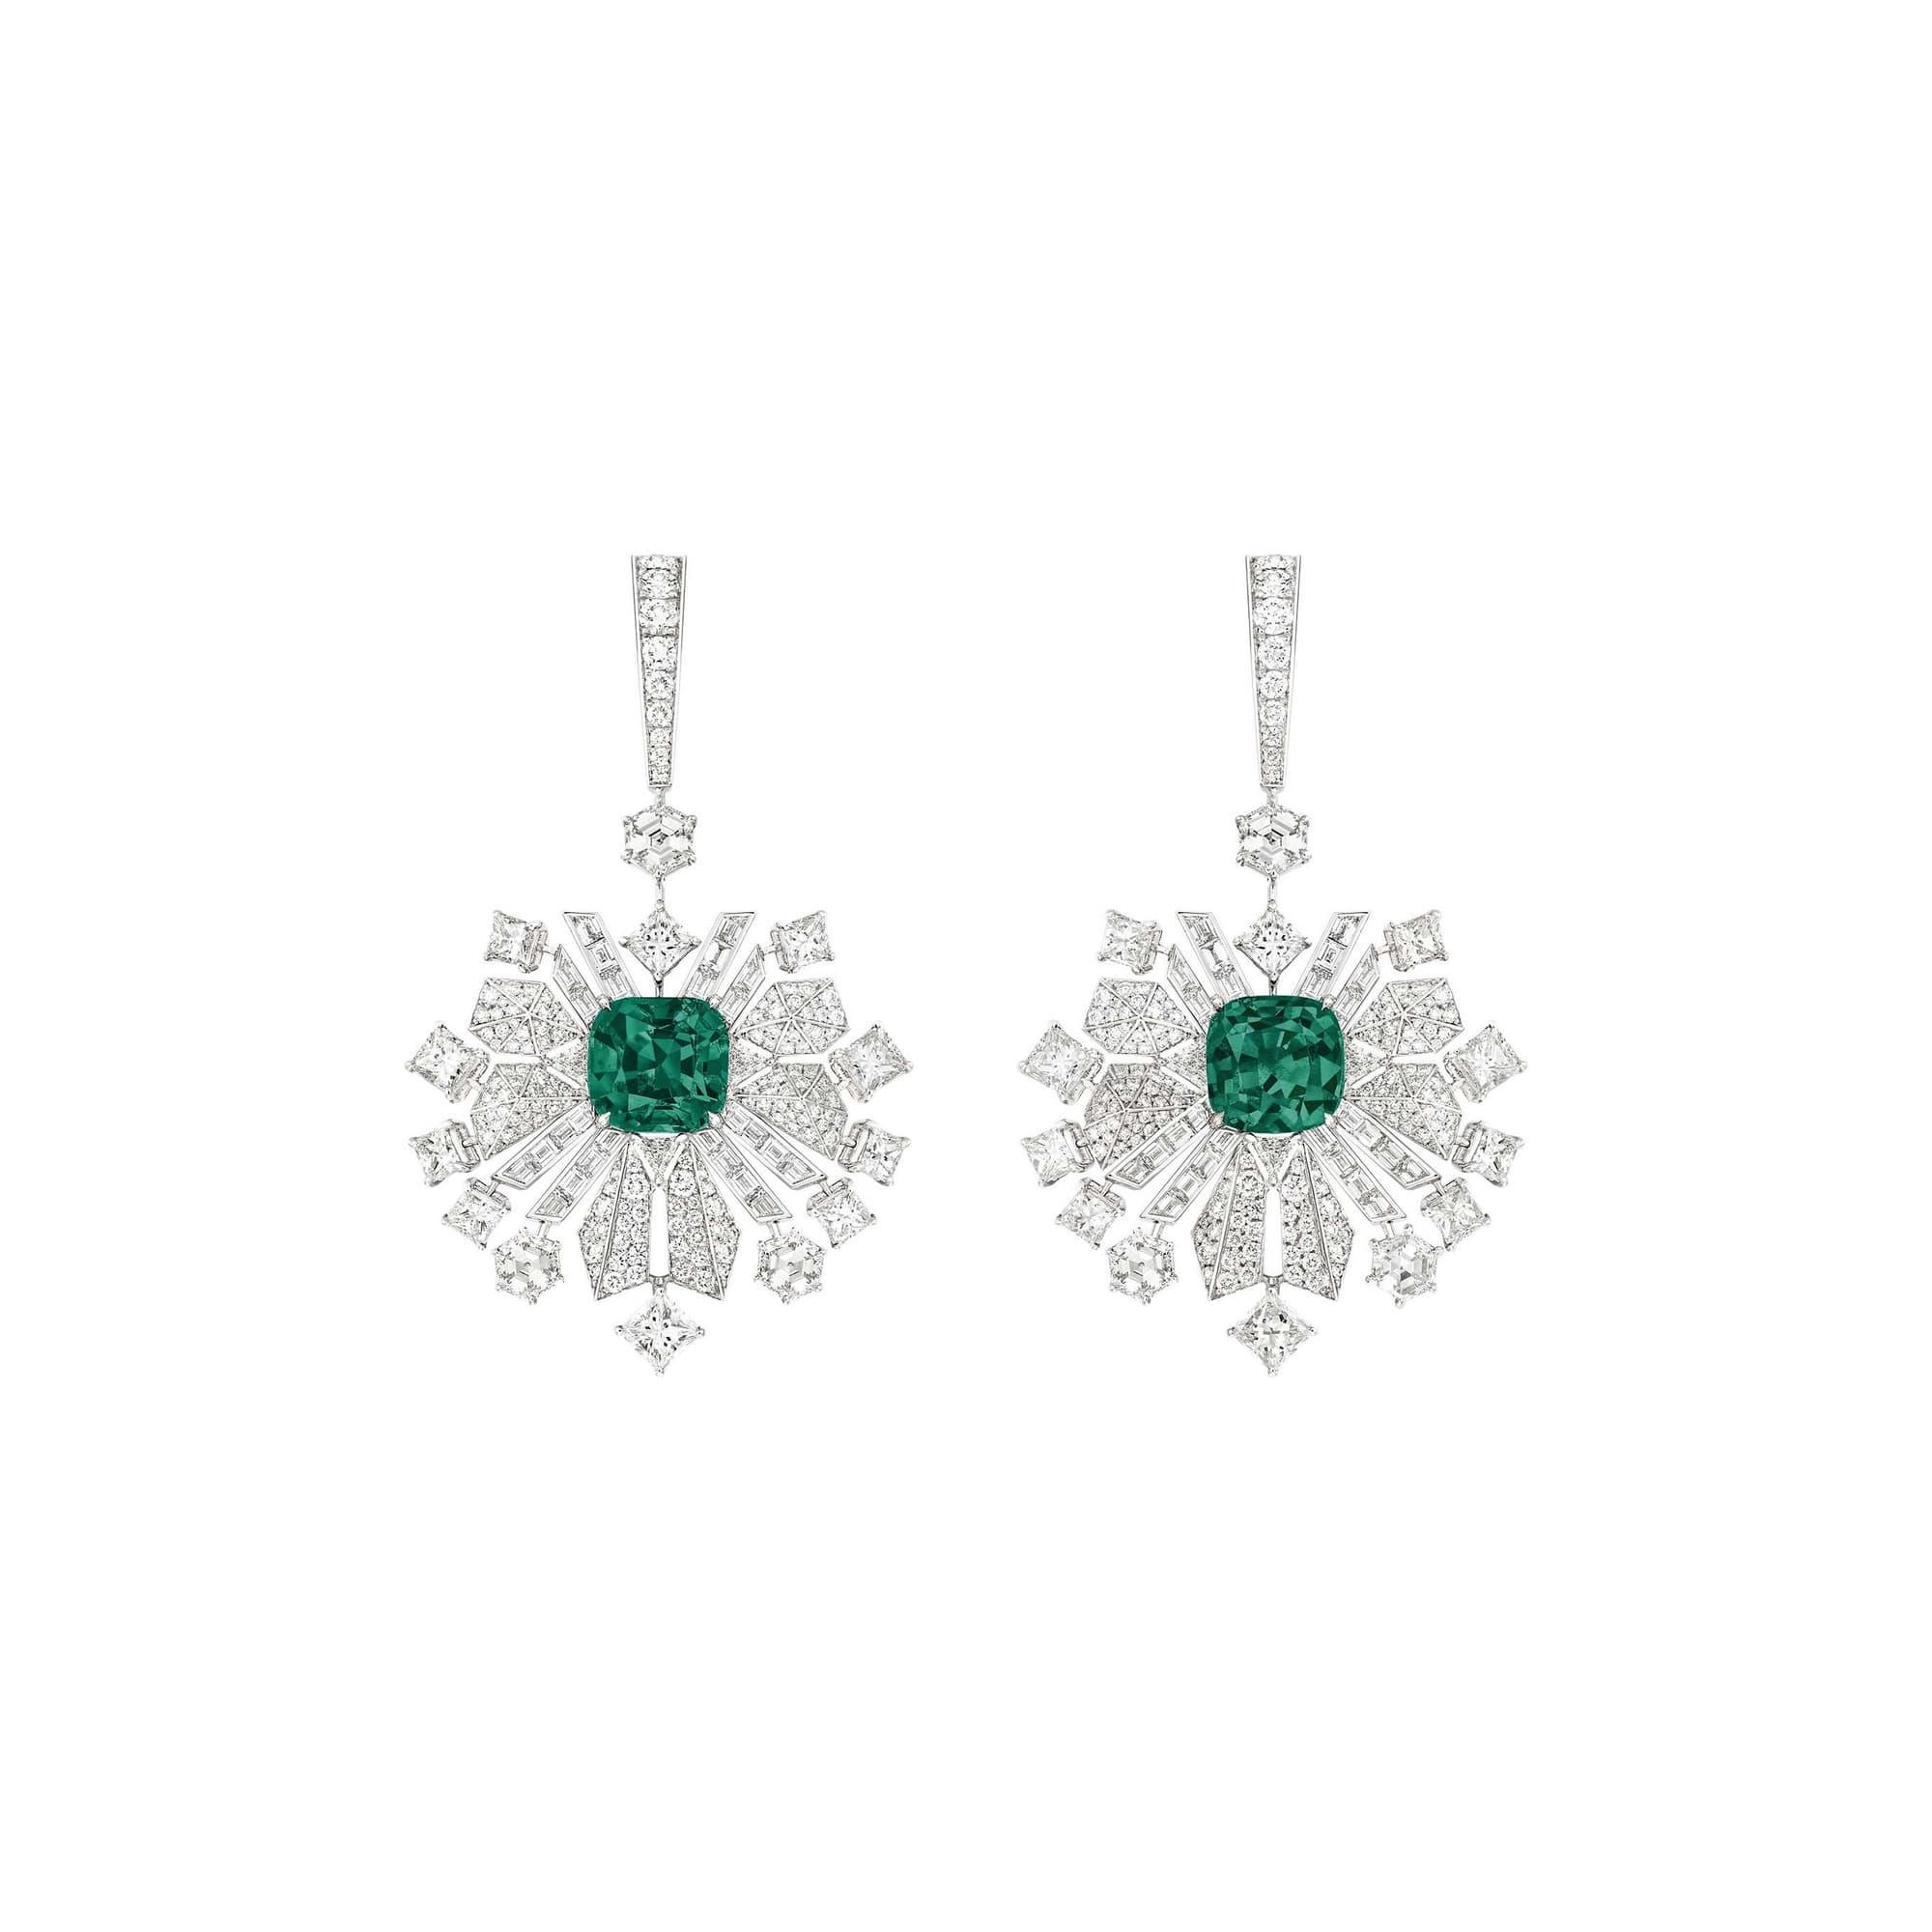 PIAGET伯爵高级珠宝钻石耳环